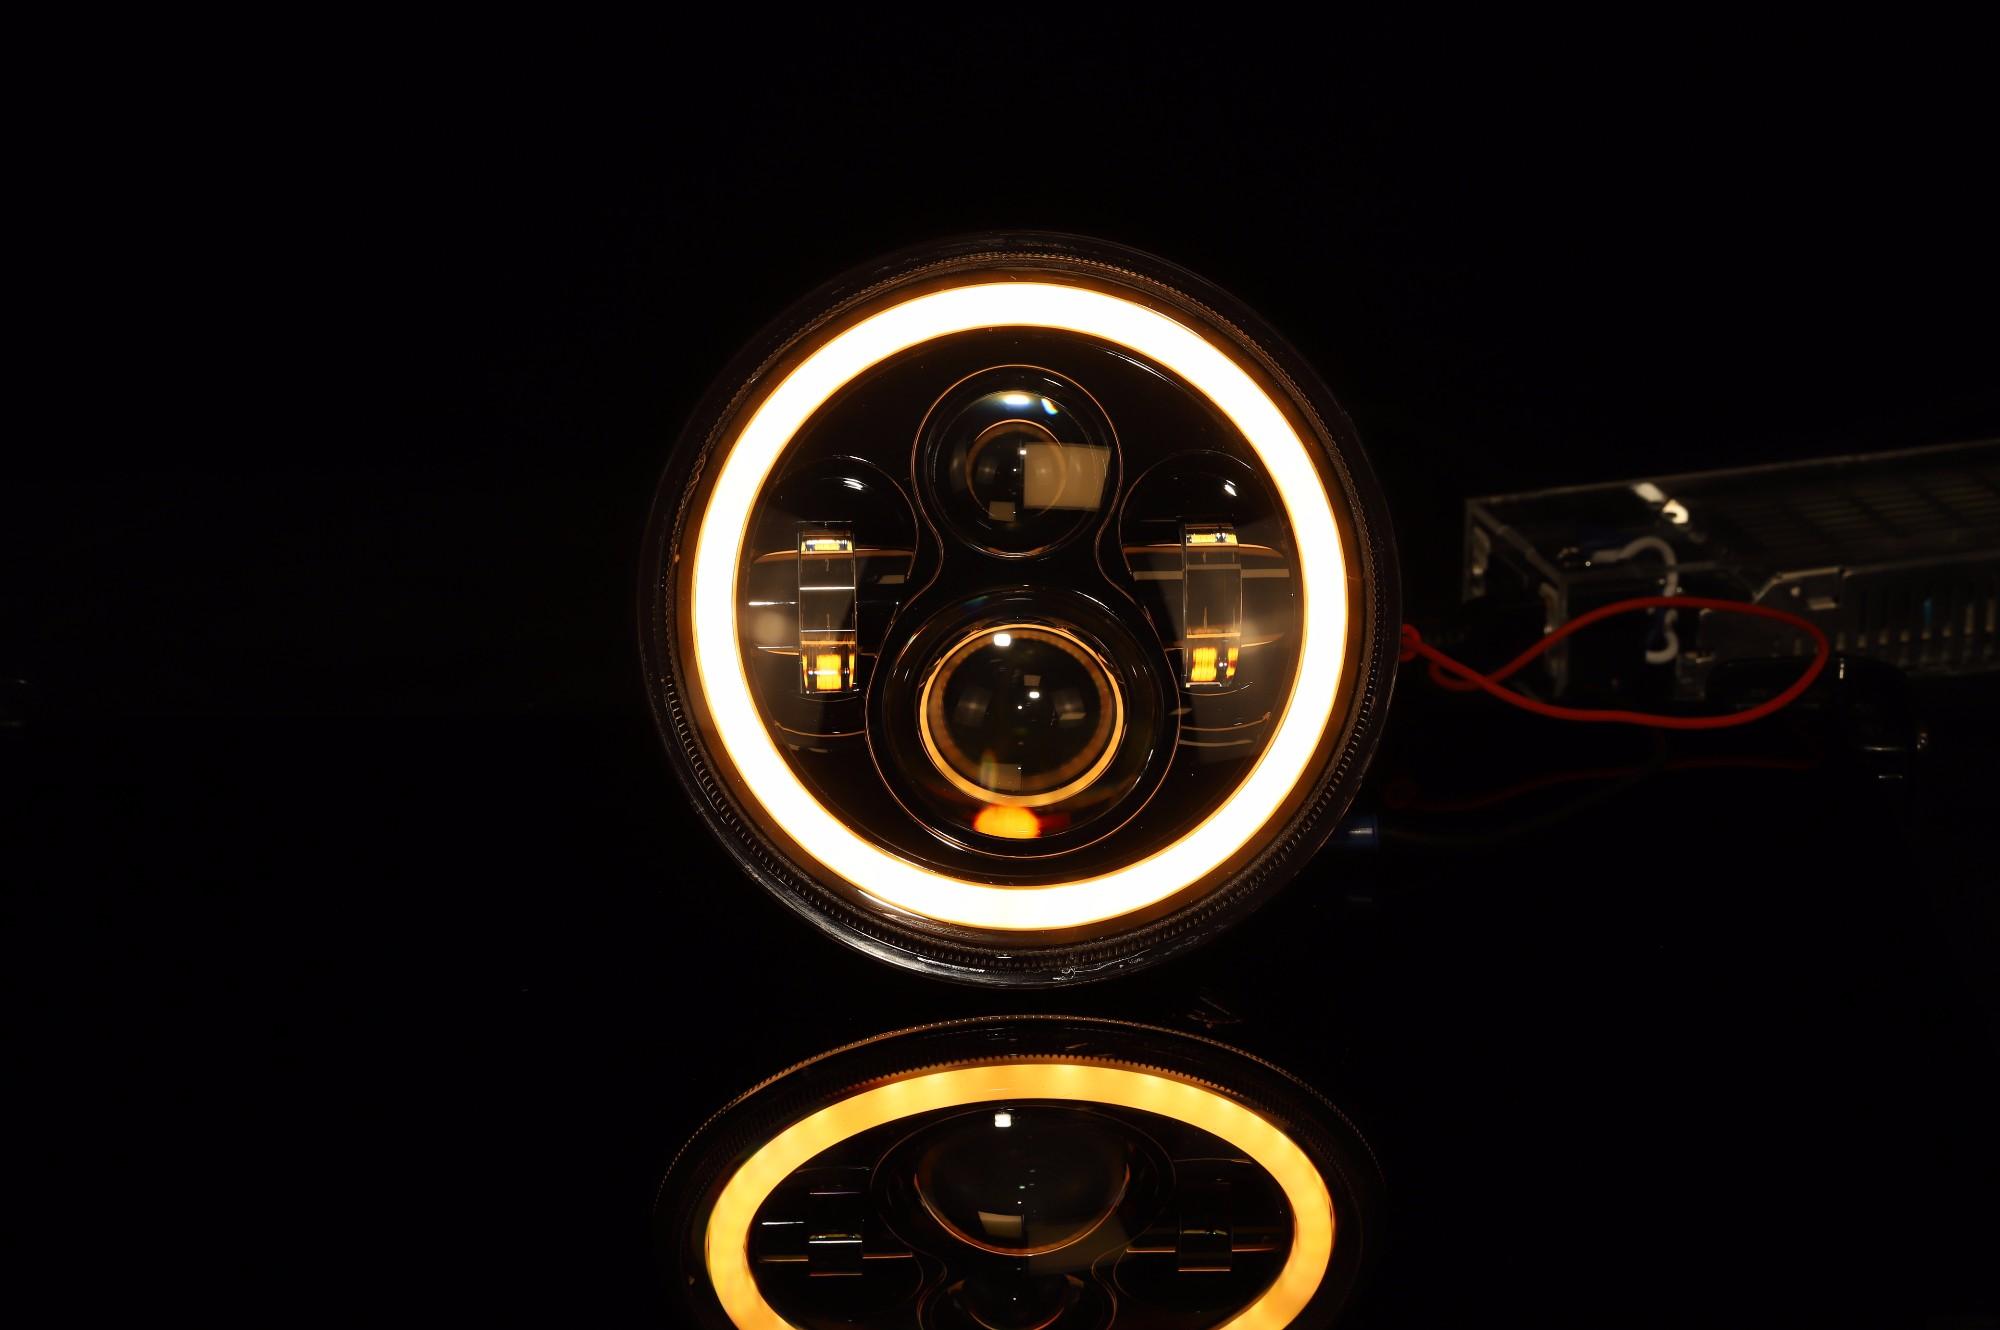 Acquista Faro LED da 7 pollici per UAZ Hunter / Suzuki Jimmy / Jeep Wrangler JL,Faro LED da 7 pollici per UAZ Hunter / Suzuki Jimmy / Jeep Wrangler JL prezzi,Faro LED da 7 pollici per UAZ Hunter / Suzuki Jimmy / Jeep Wrangler JL marche,Faro LED da 7 pollici per UAZ Hunter / Suzuki Jimmy / Jeep Wrangler JL Produttori,Faro LED da 7 pollici per UAZ Hunter / Suzuki Jimmy / Jeep Wrangler JL Citazioni,Faro LED da 7 pollici per UAZ Hunter / Suzuki Jimmy / Jeep Wrangler JL  l'azienda,